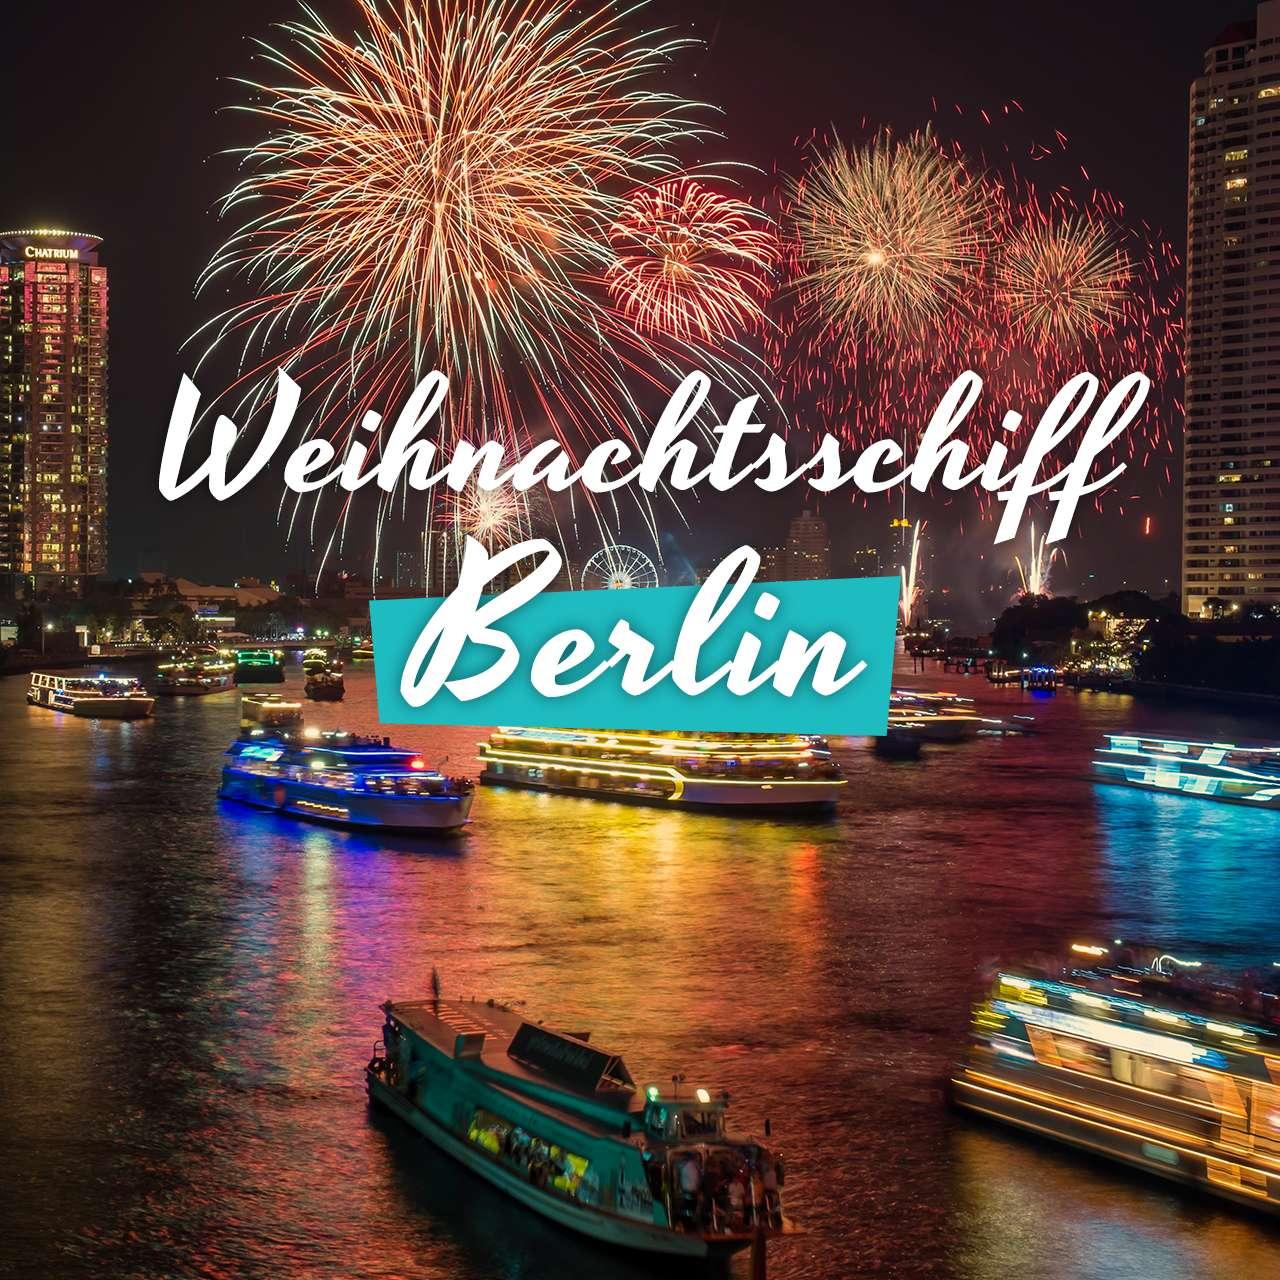 Weihnachtsfeier auf einem Schiff in Berlin | Weihnachtsplaner